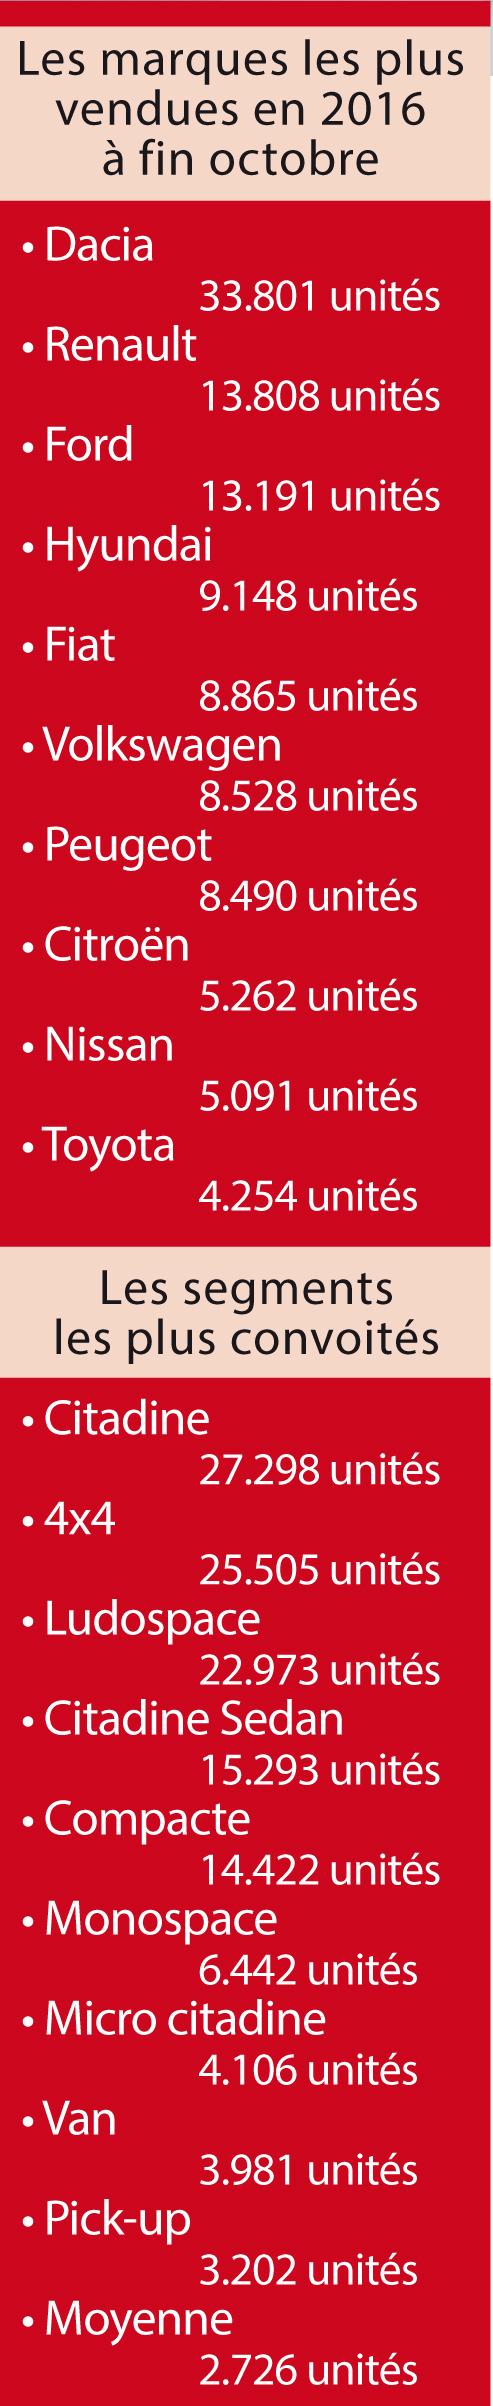 vente-voiture-par-marque